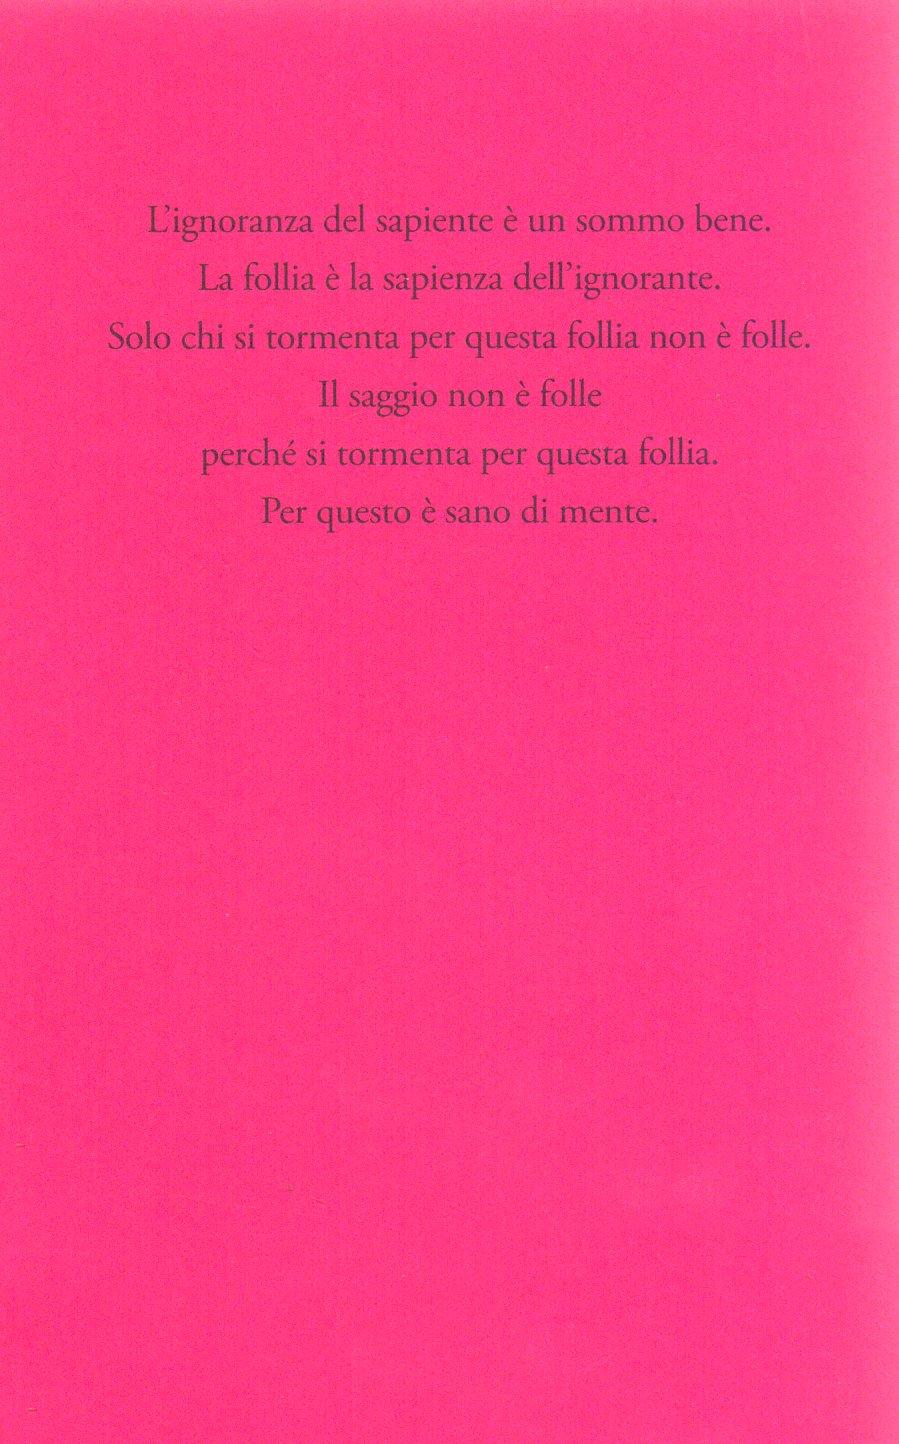 Il Libro del Tao.